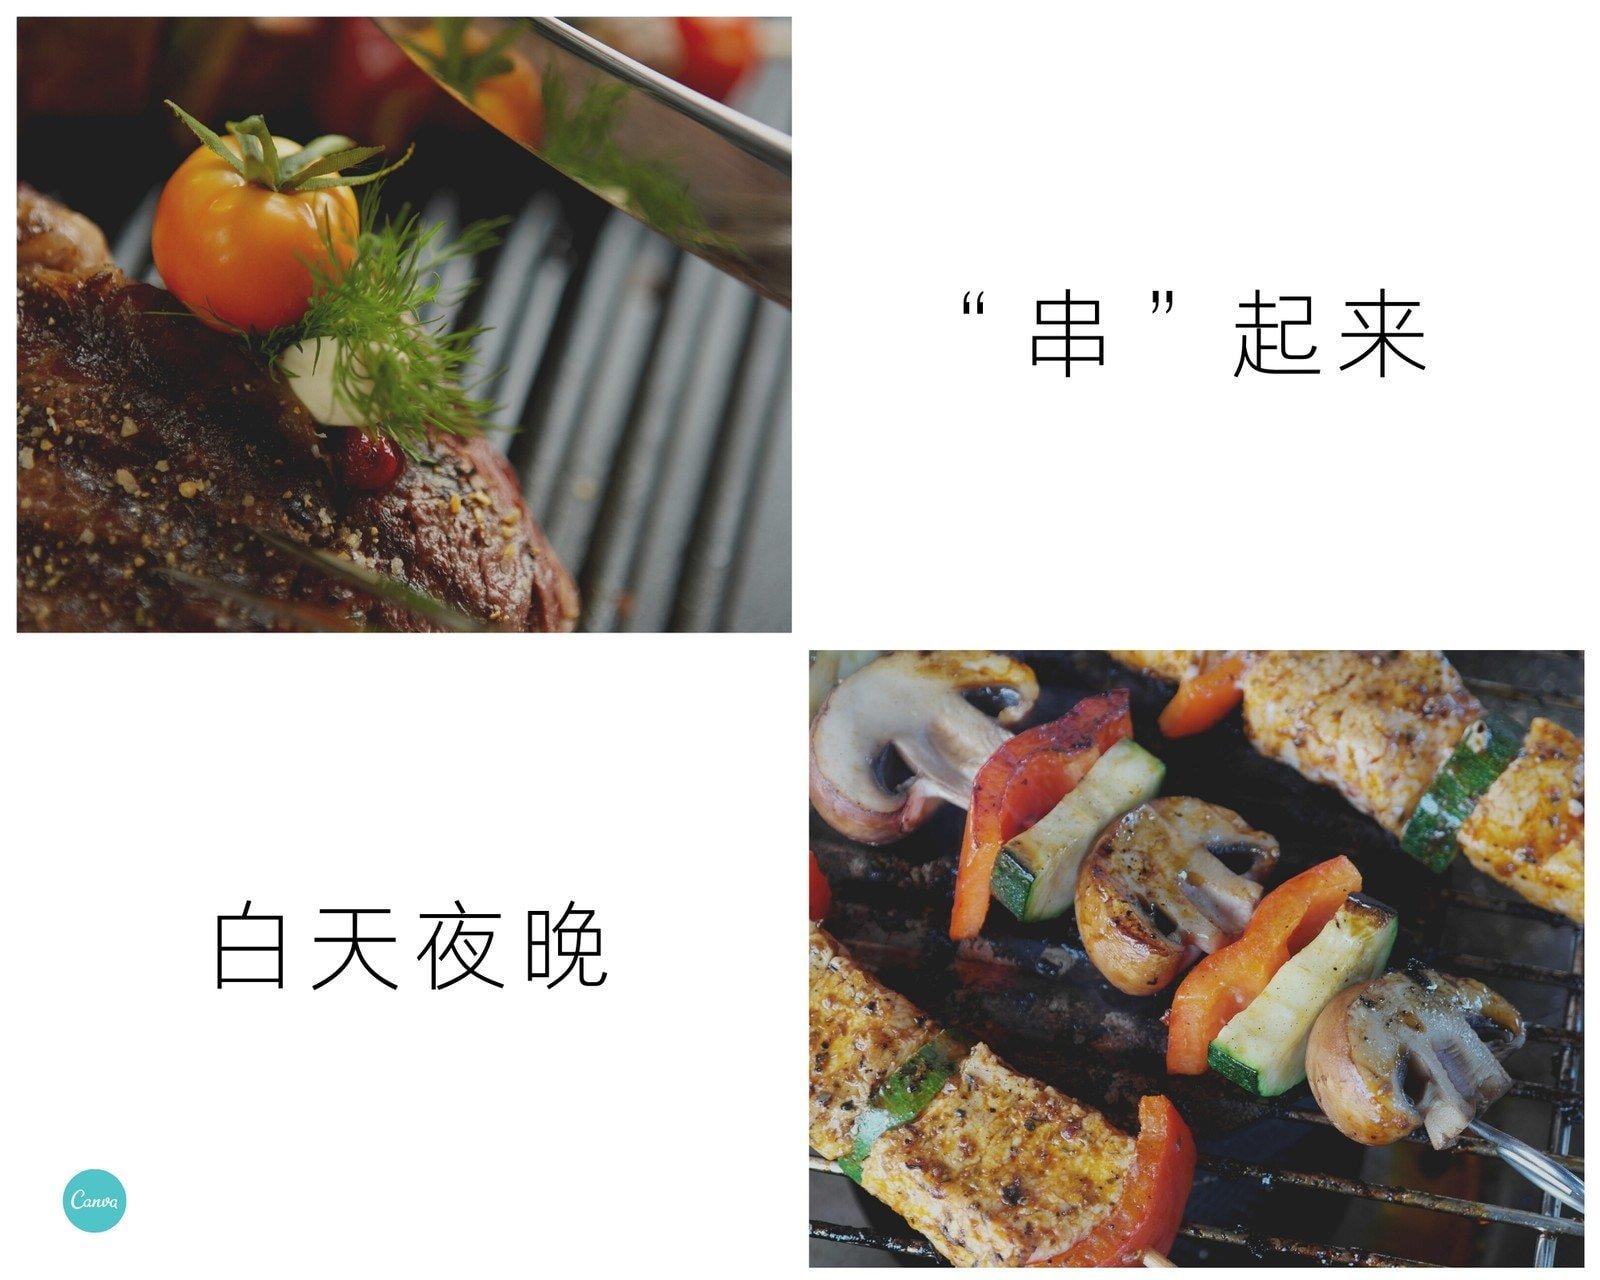 黑白色美味烤串美食拼图照片个人分享中文拼图